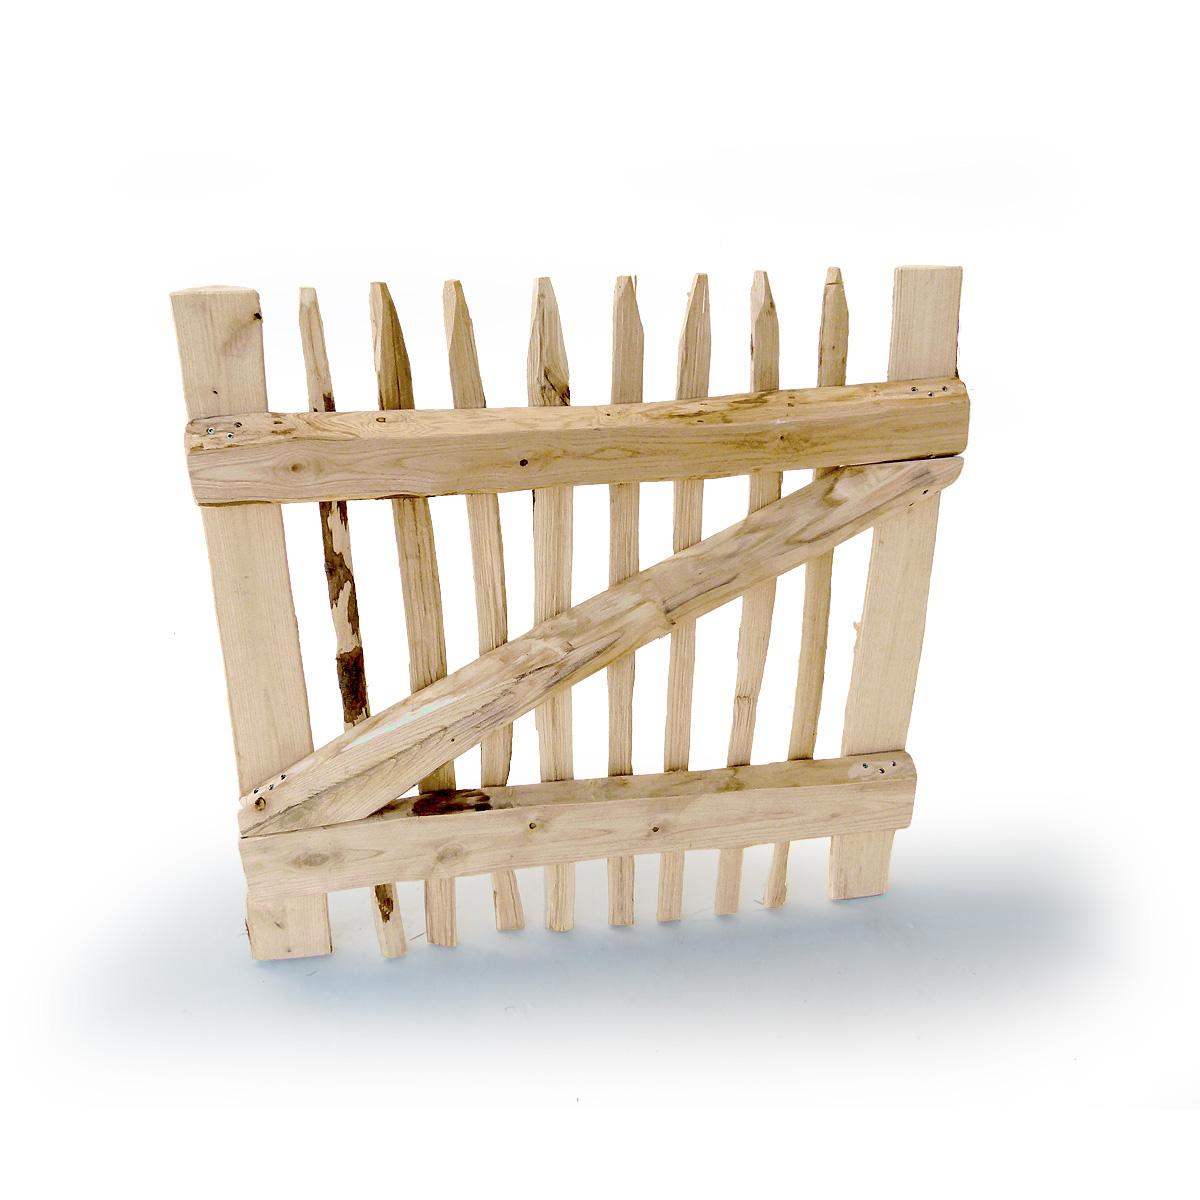 Gartentor Classic aus Staketen mit halbrunden Kastanienhölzern in Rahmenbauweise gefertigt.